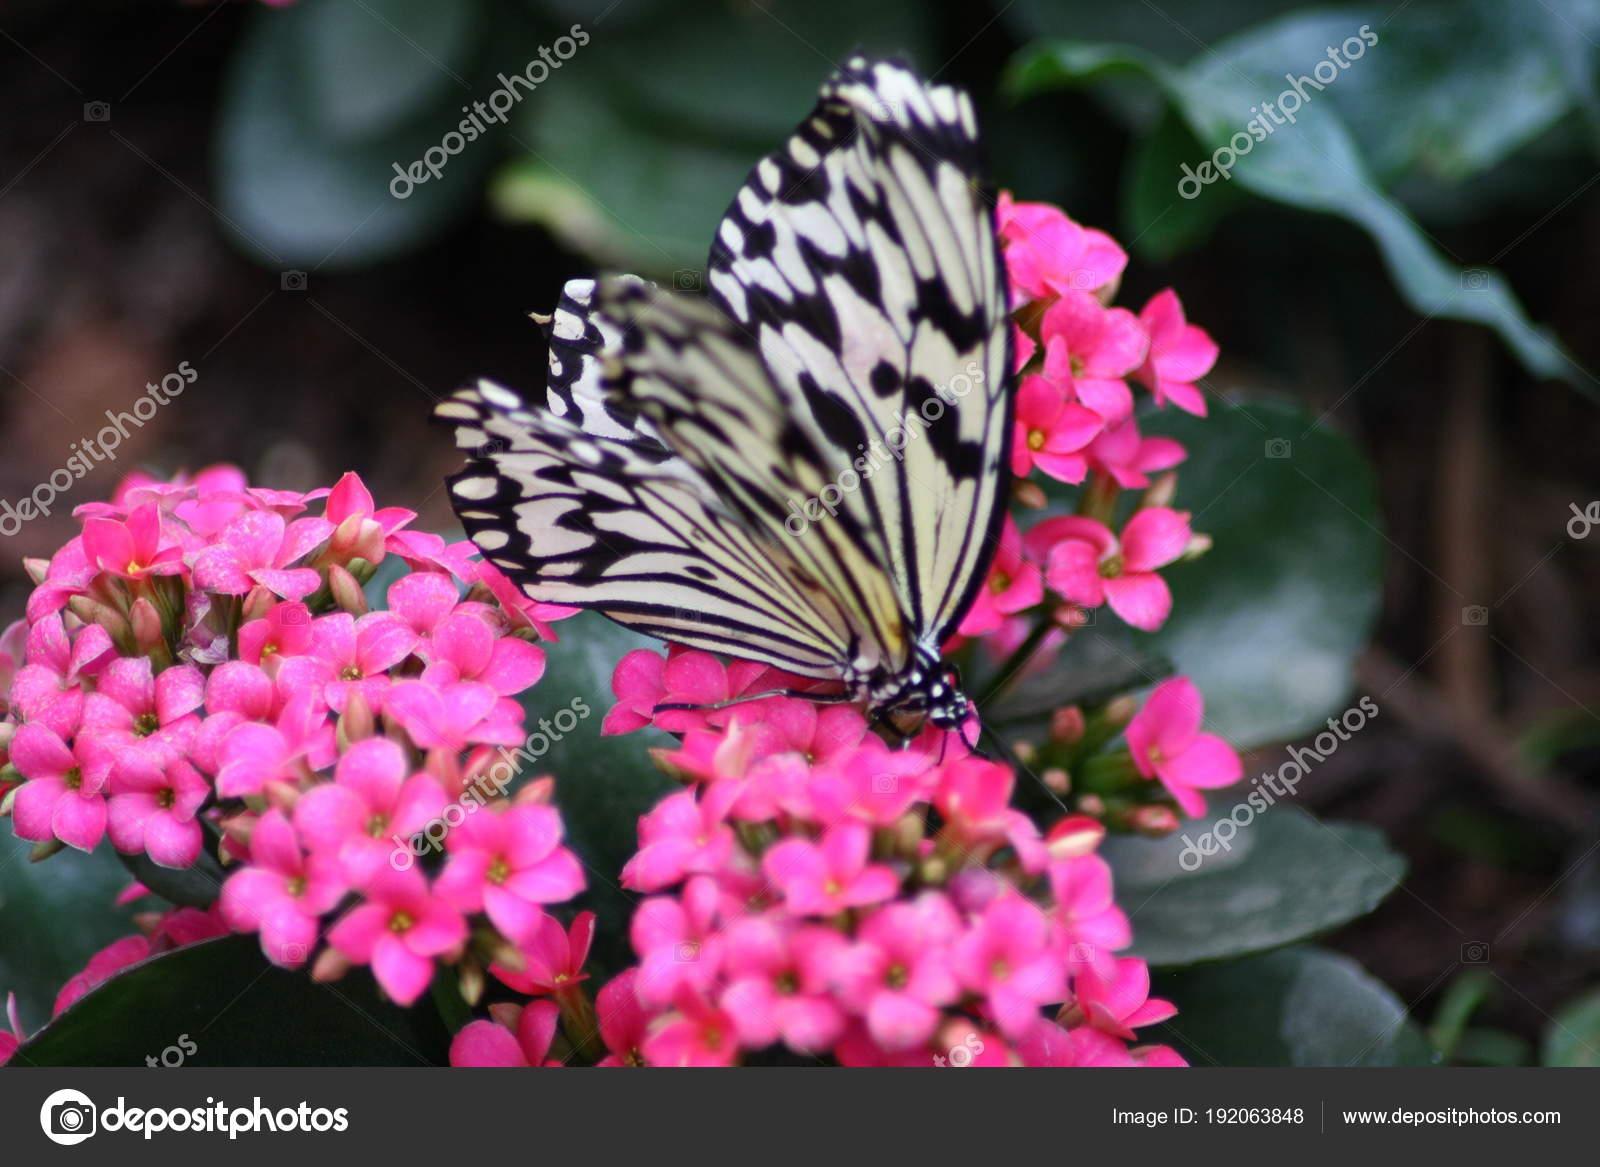 Imágenes Mariposas Muy Bonitas Muy Bonita Mariposa Colorida